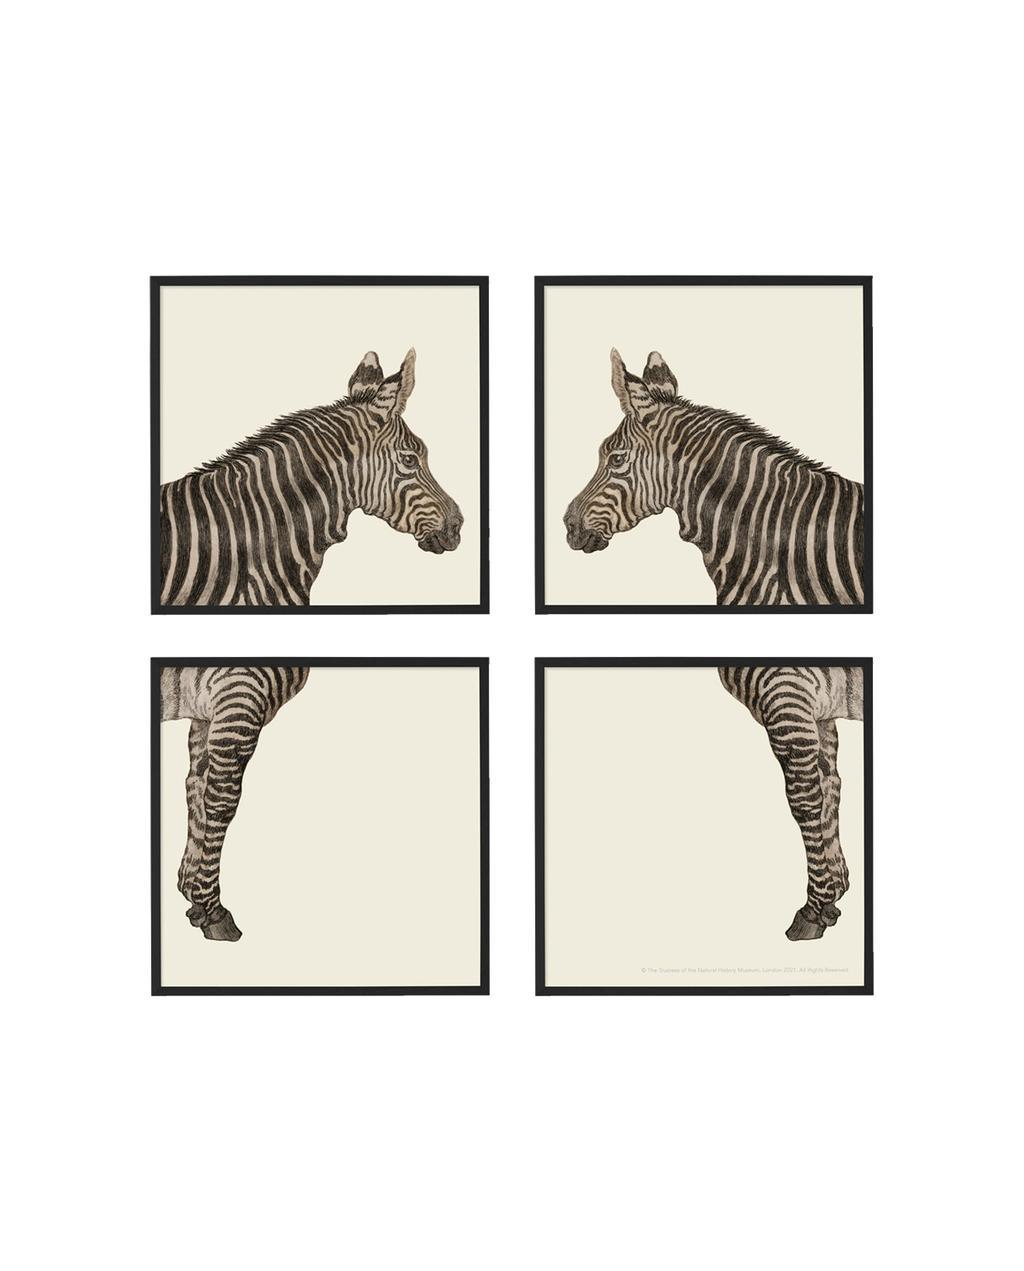 vtwonen juli 2021   set van zebras als kunstwerk met vier schilderijen